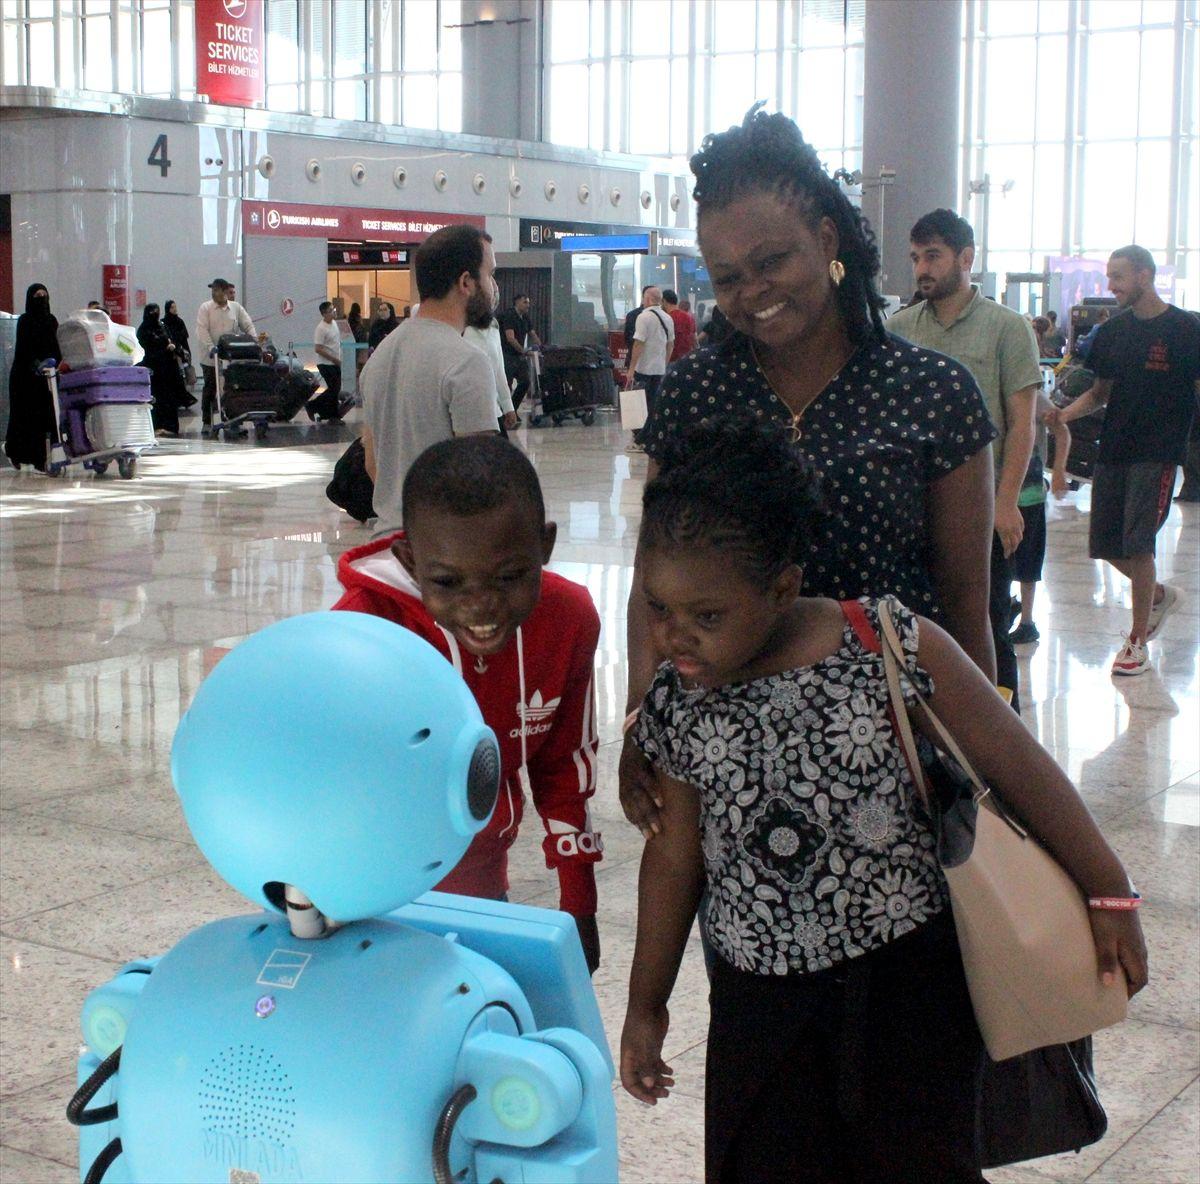 İstanbul Havalimanı'nda robotlar göreve başladı yaşlı teyzenin esprisi güldürdü - Sayfa 1